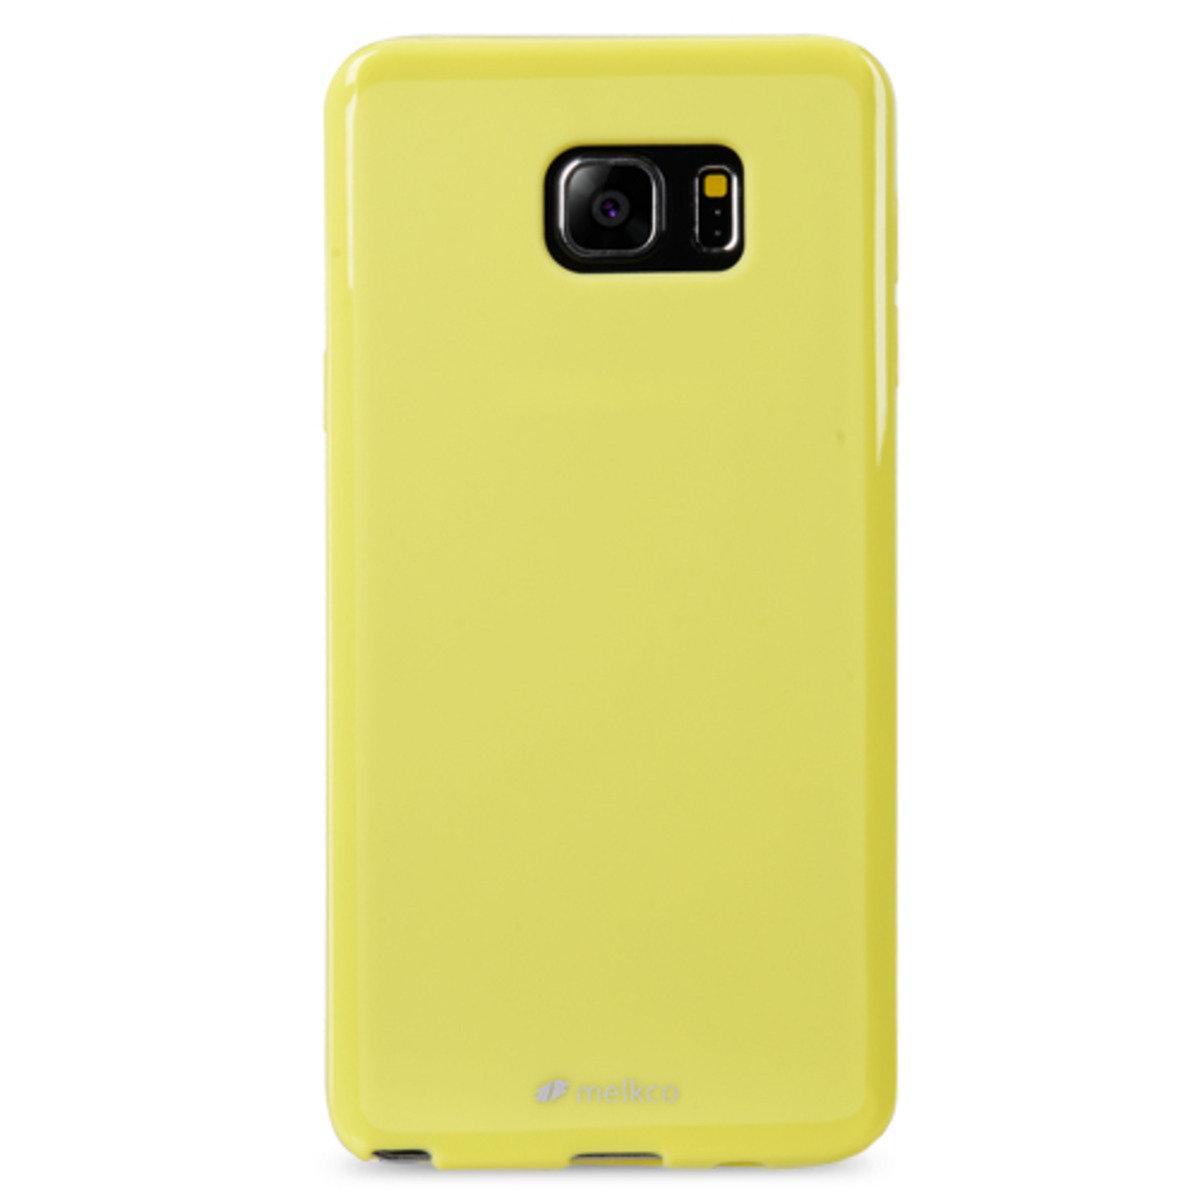 Galaxy Note 5 Poly Jacket手機保護殼 - 珍珠黃色(附送屏幕保護貼)